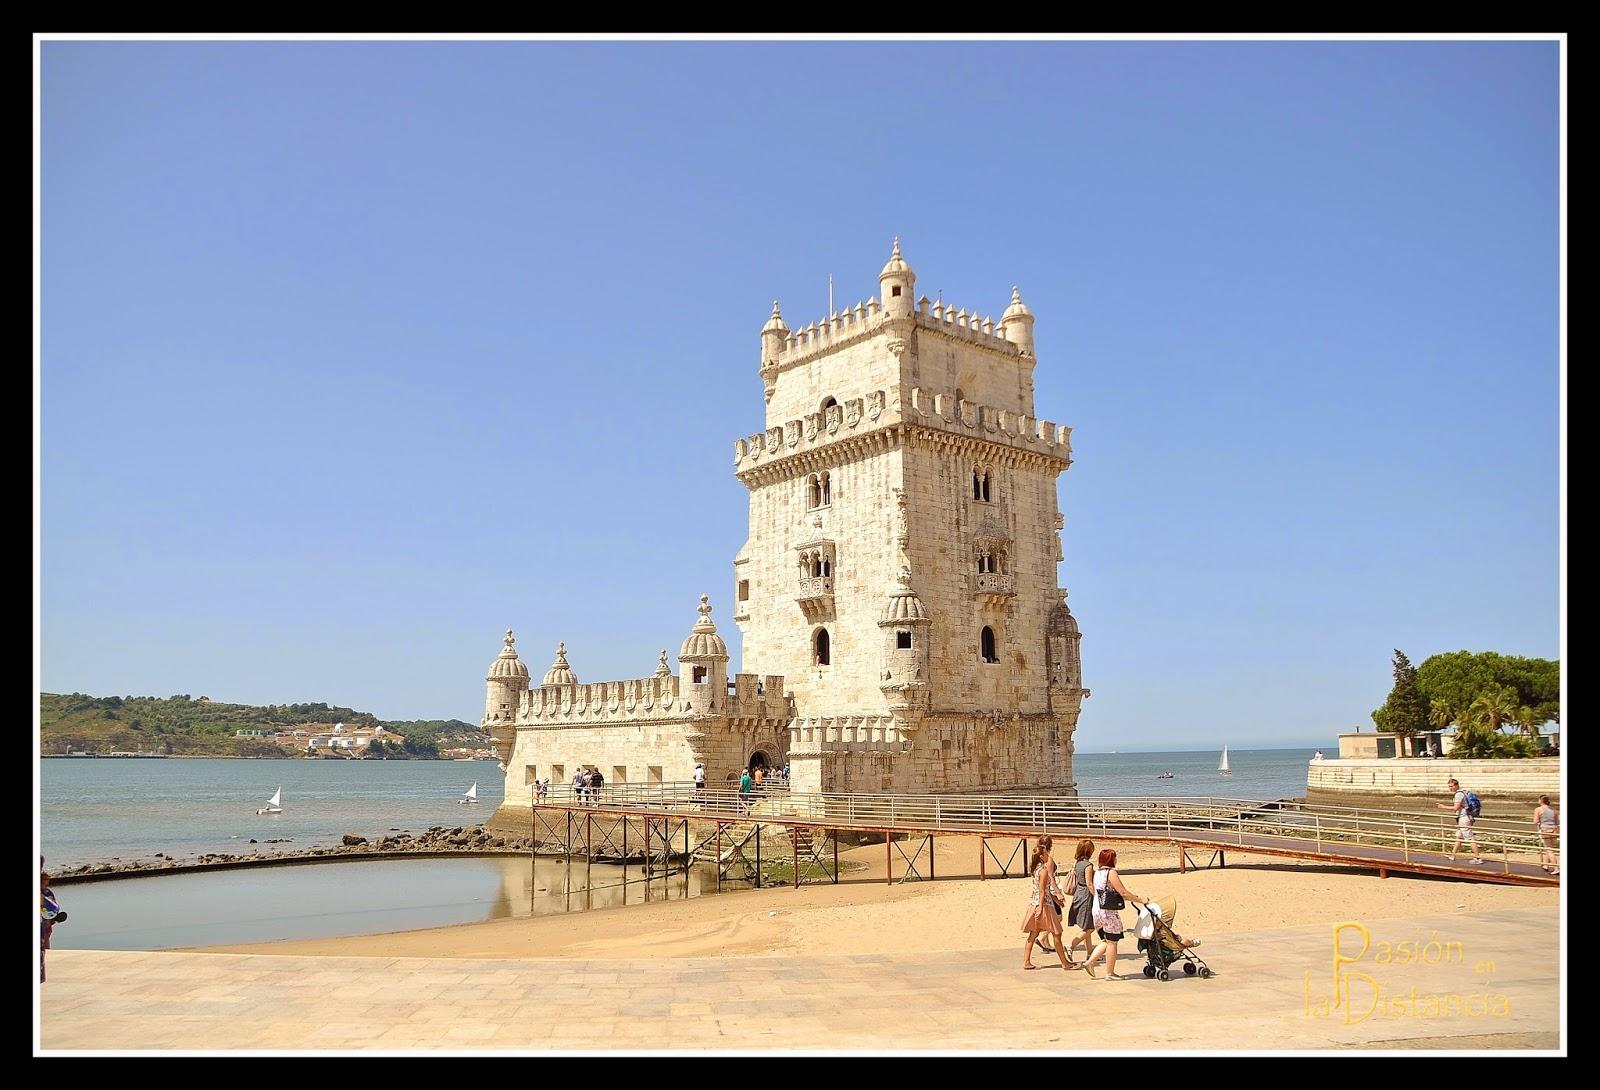 Torre+de+Belém+Lisboa+Portugal+monumentos+de+Portugal